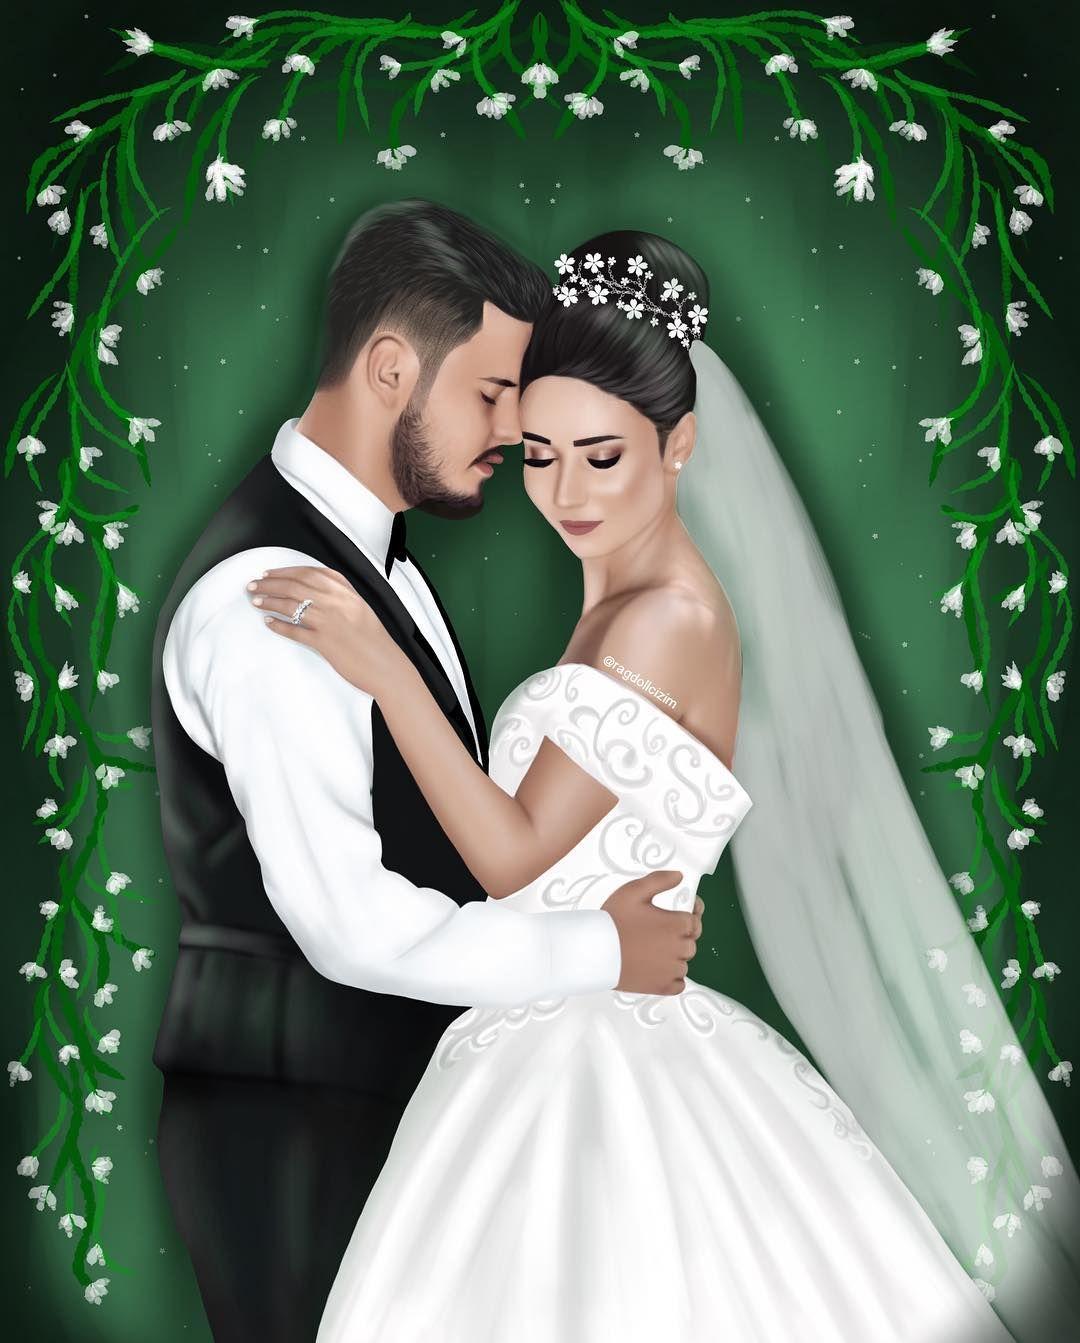 103 7 Mil Seguidores 58 Seguidos 271 Publicaciones Ve Las Fotos Y Los Videos De Instagram De D I G I T A L A Wedding Images Love Cartoon Couple Sarra Art